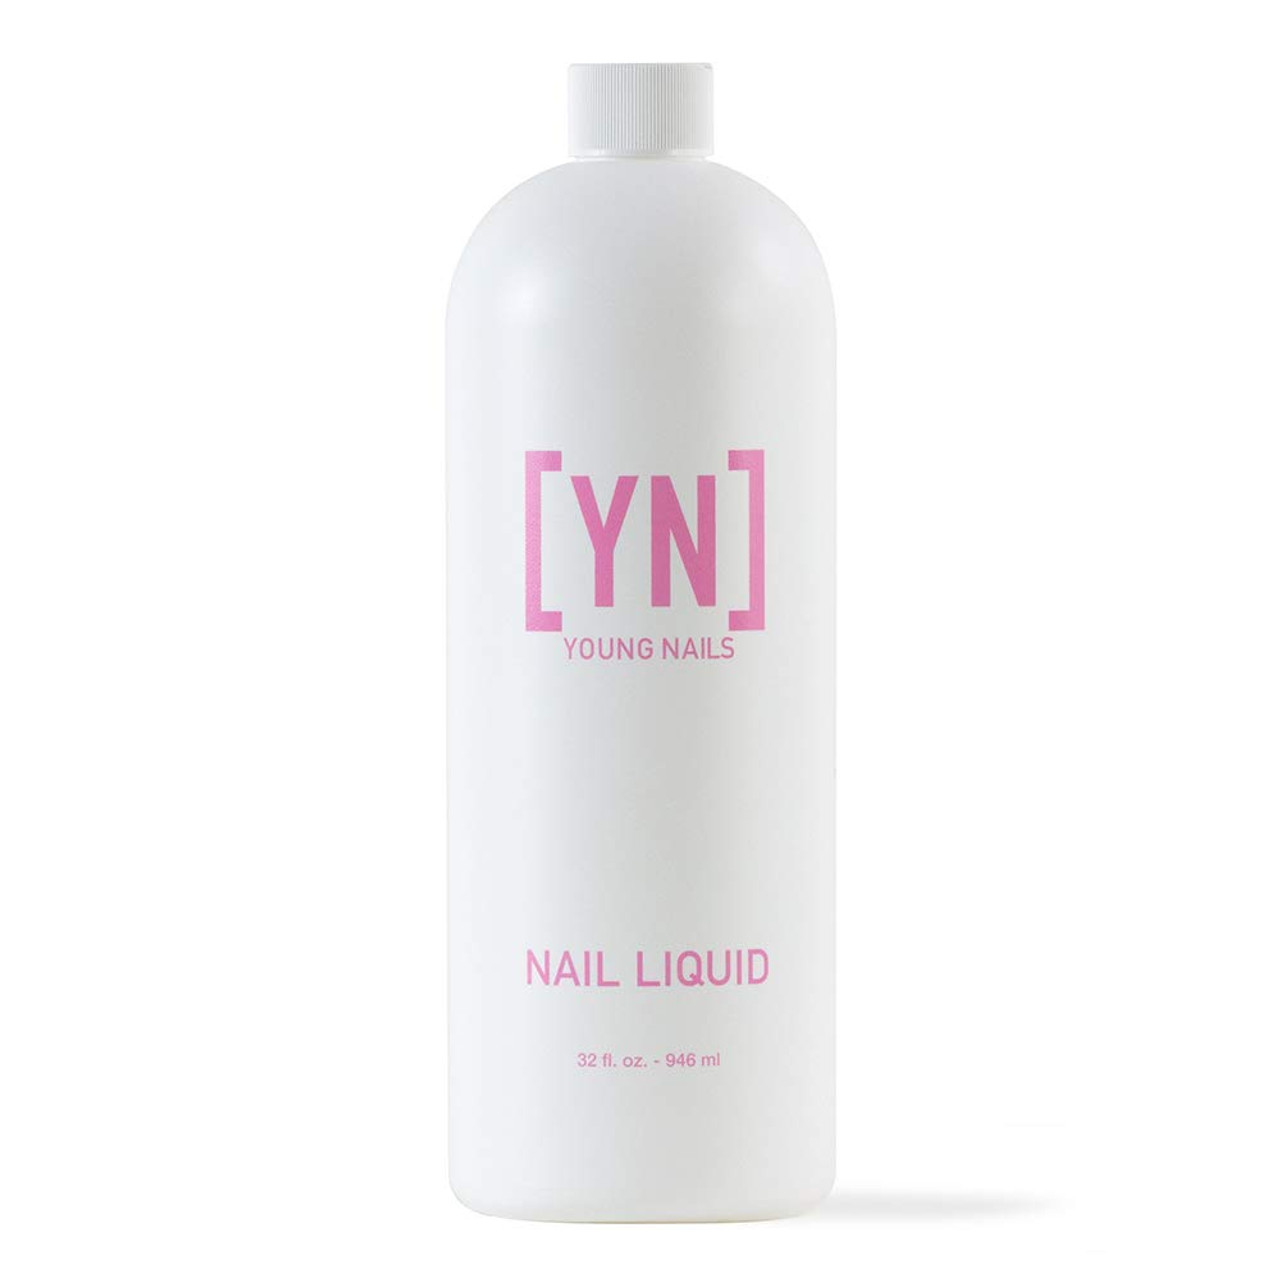 Young Nails Nail Liquid 32 oz